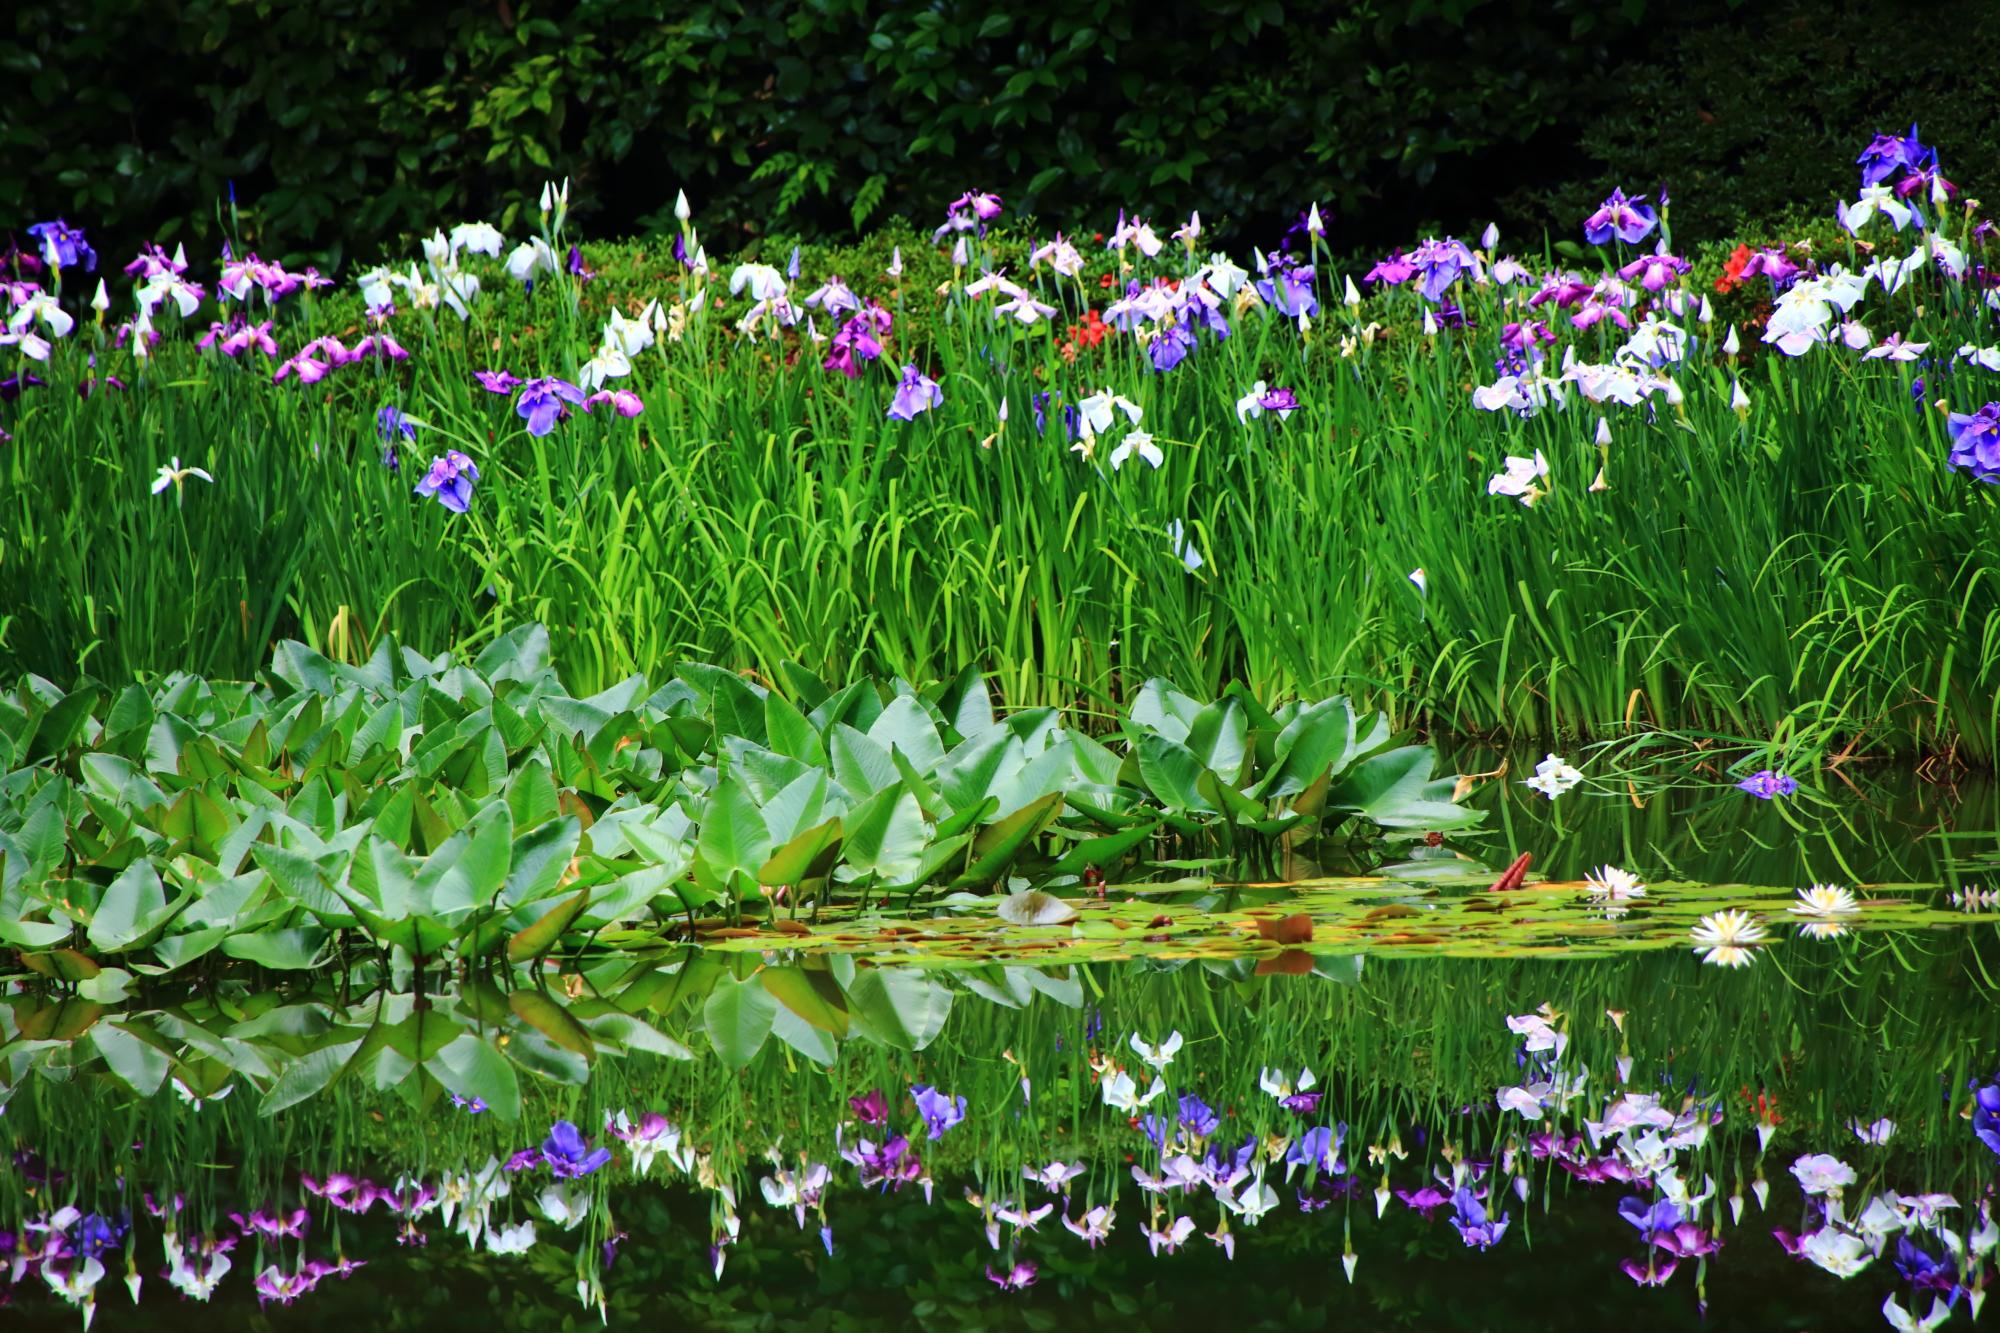 緑に映える鮮やかな花菖蒲と華やかな水鏡